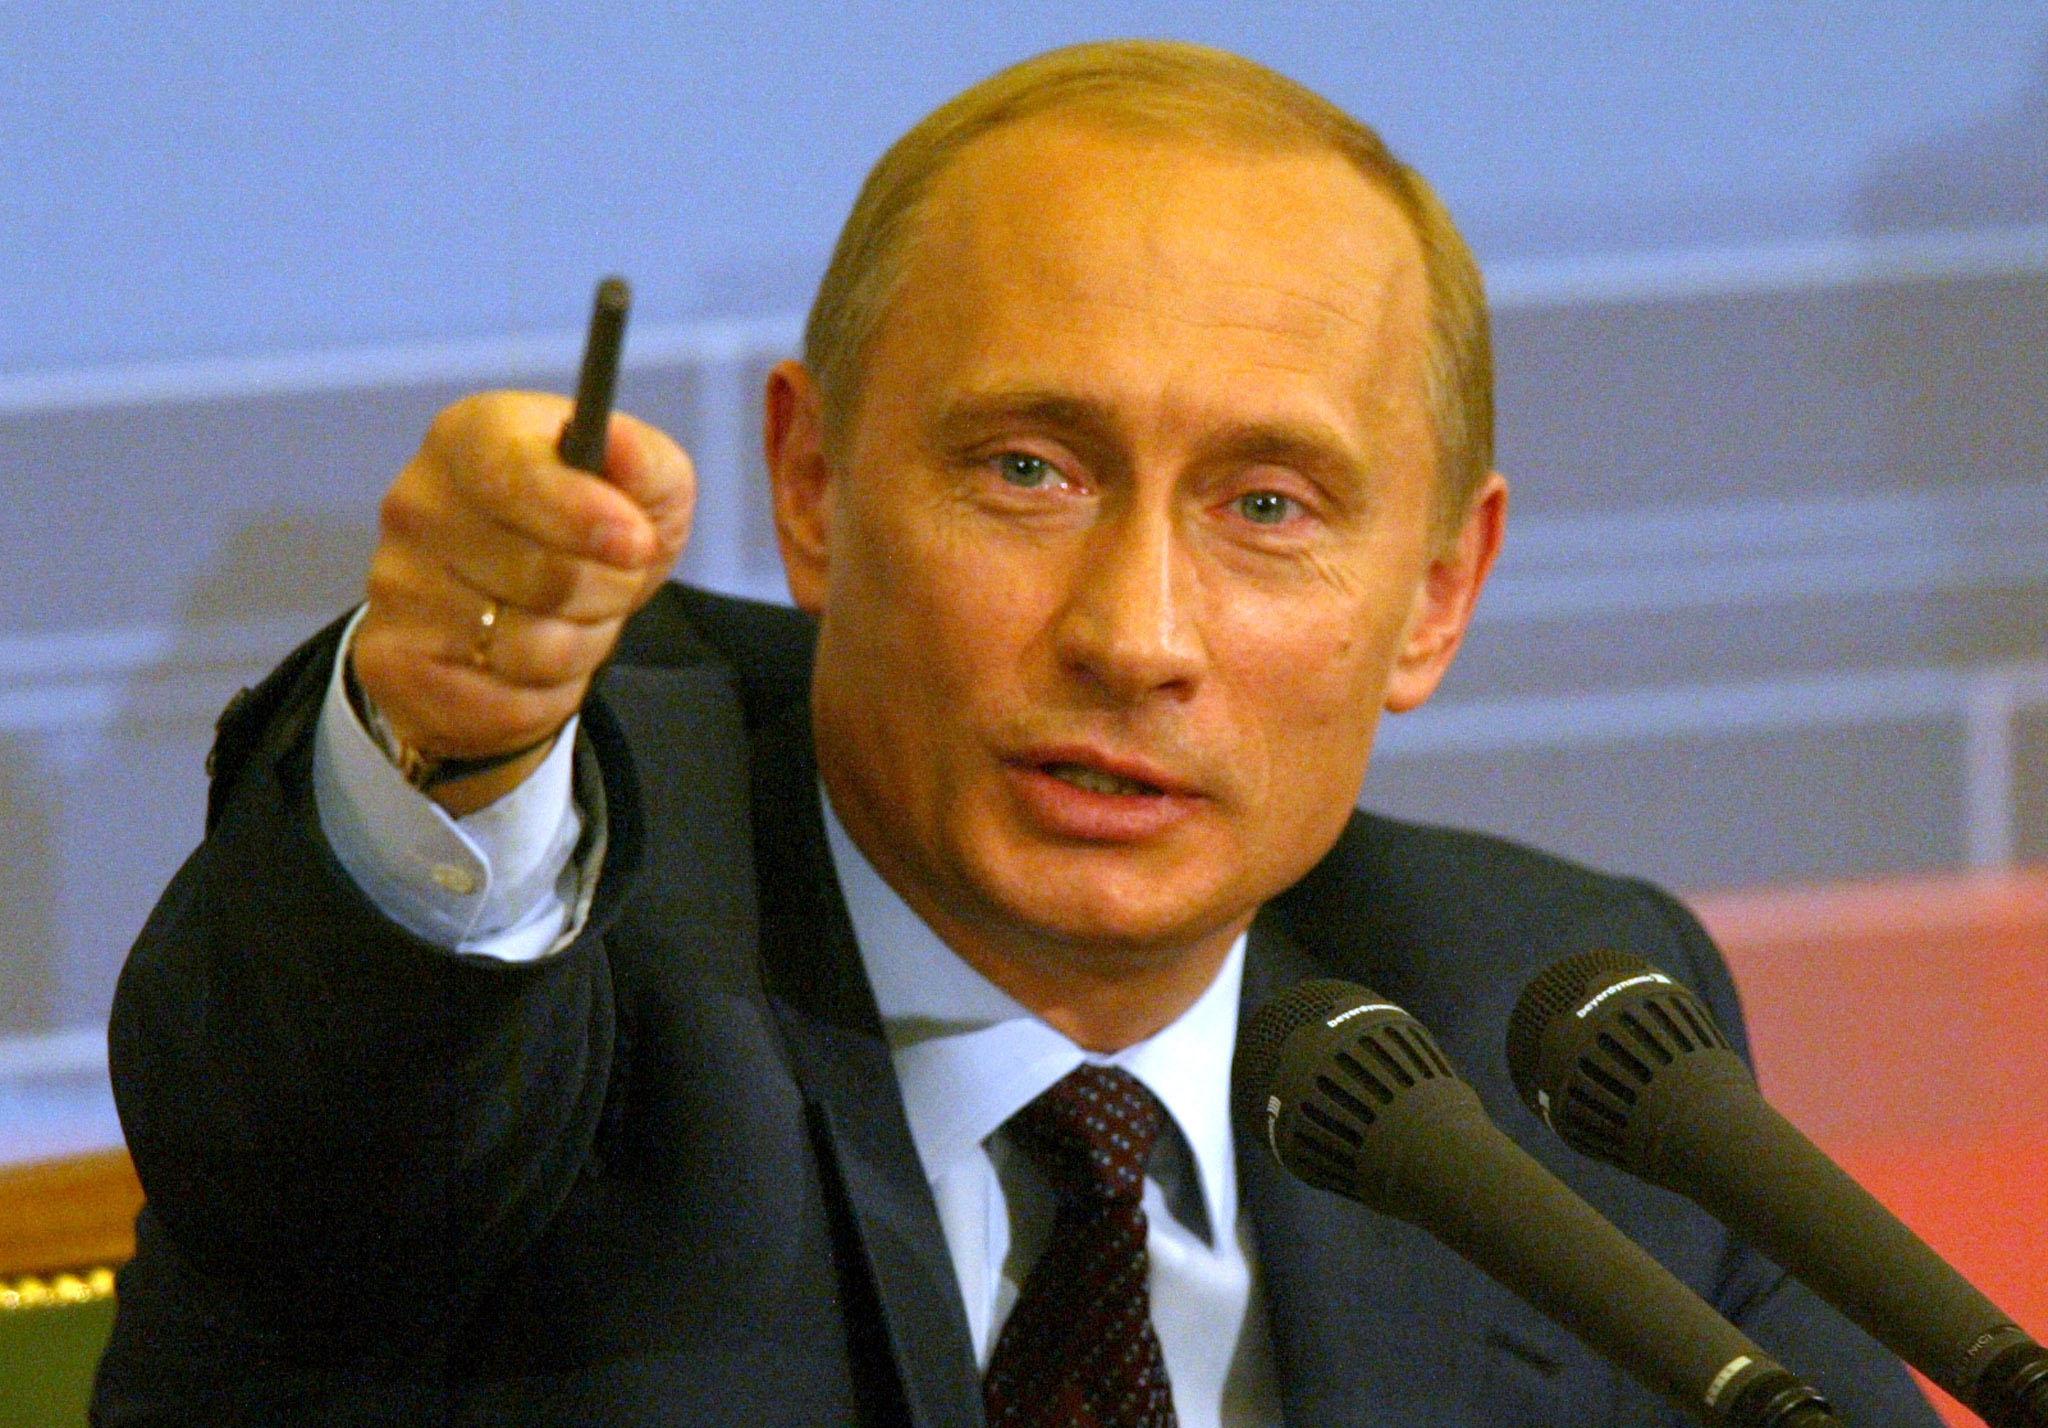 Poutine sur les sanctions contre la Russie : « Il est impossible de tolérer tant d'impudence à l'égard de notre pays »